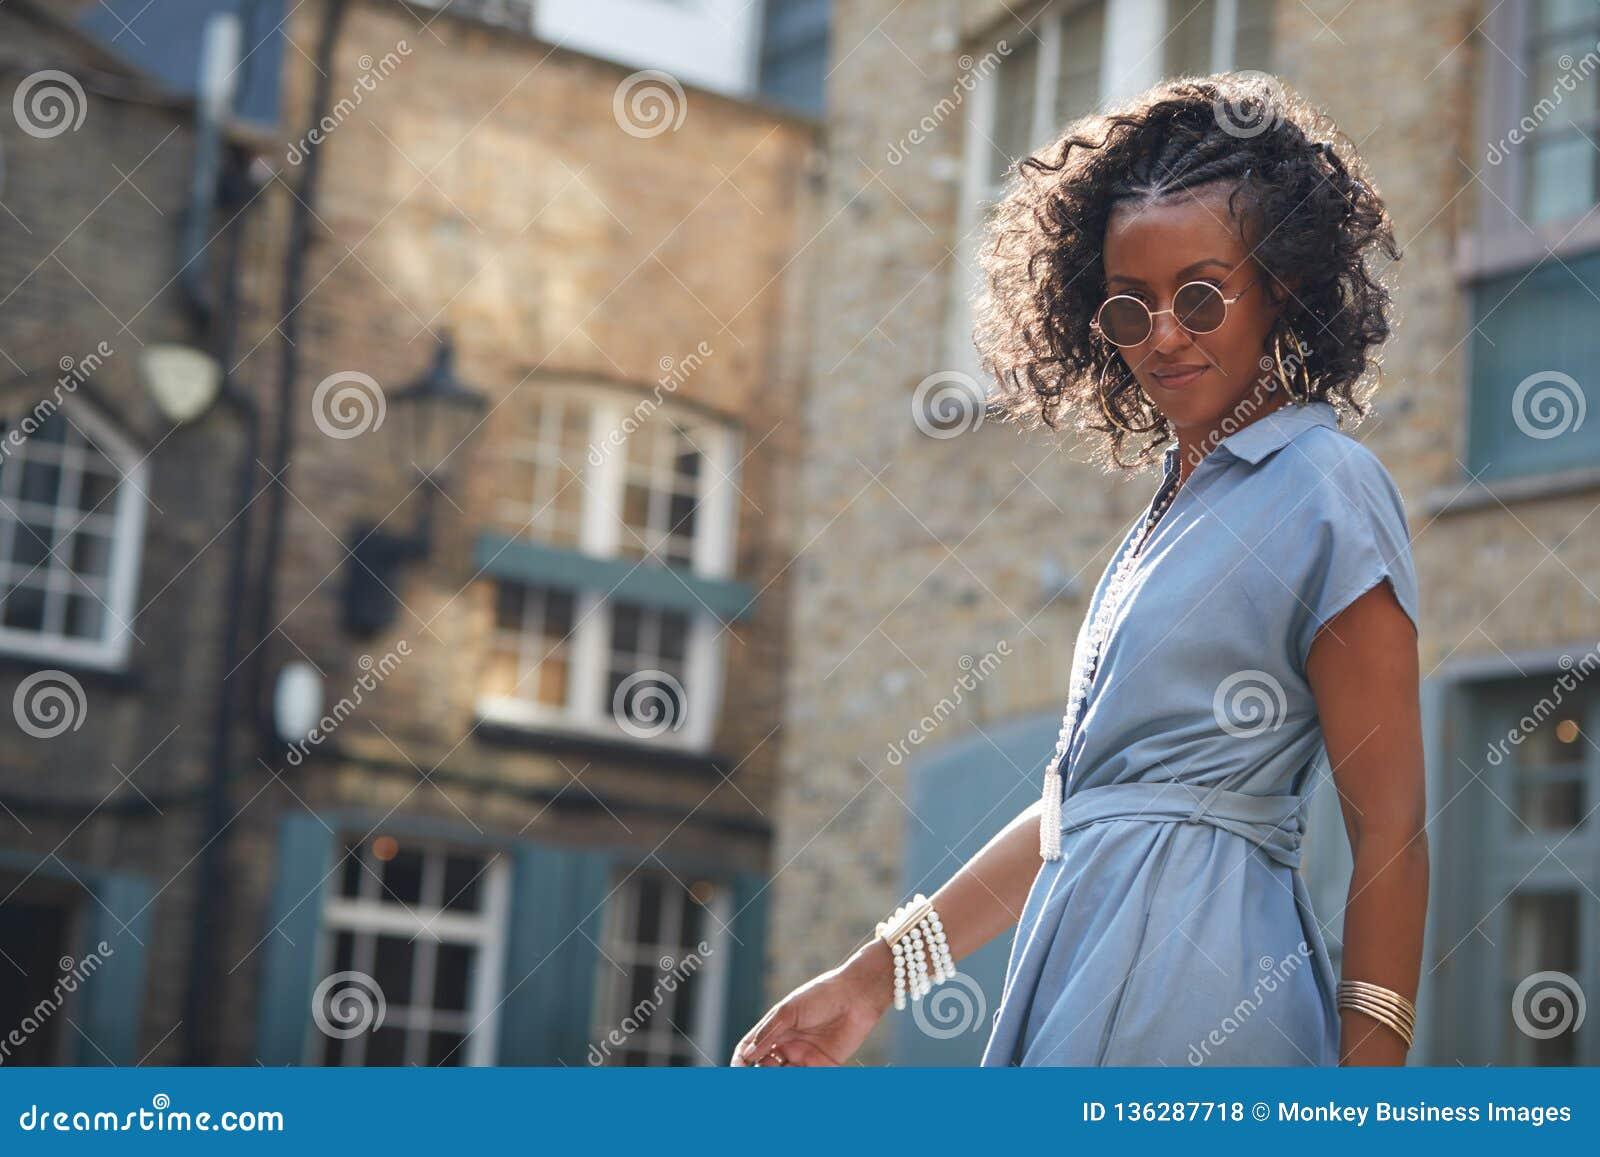 蓝色加盖的袖子礼服和太阳镜的时髦妇女